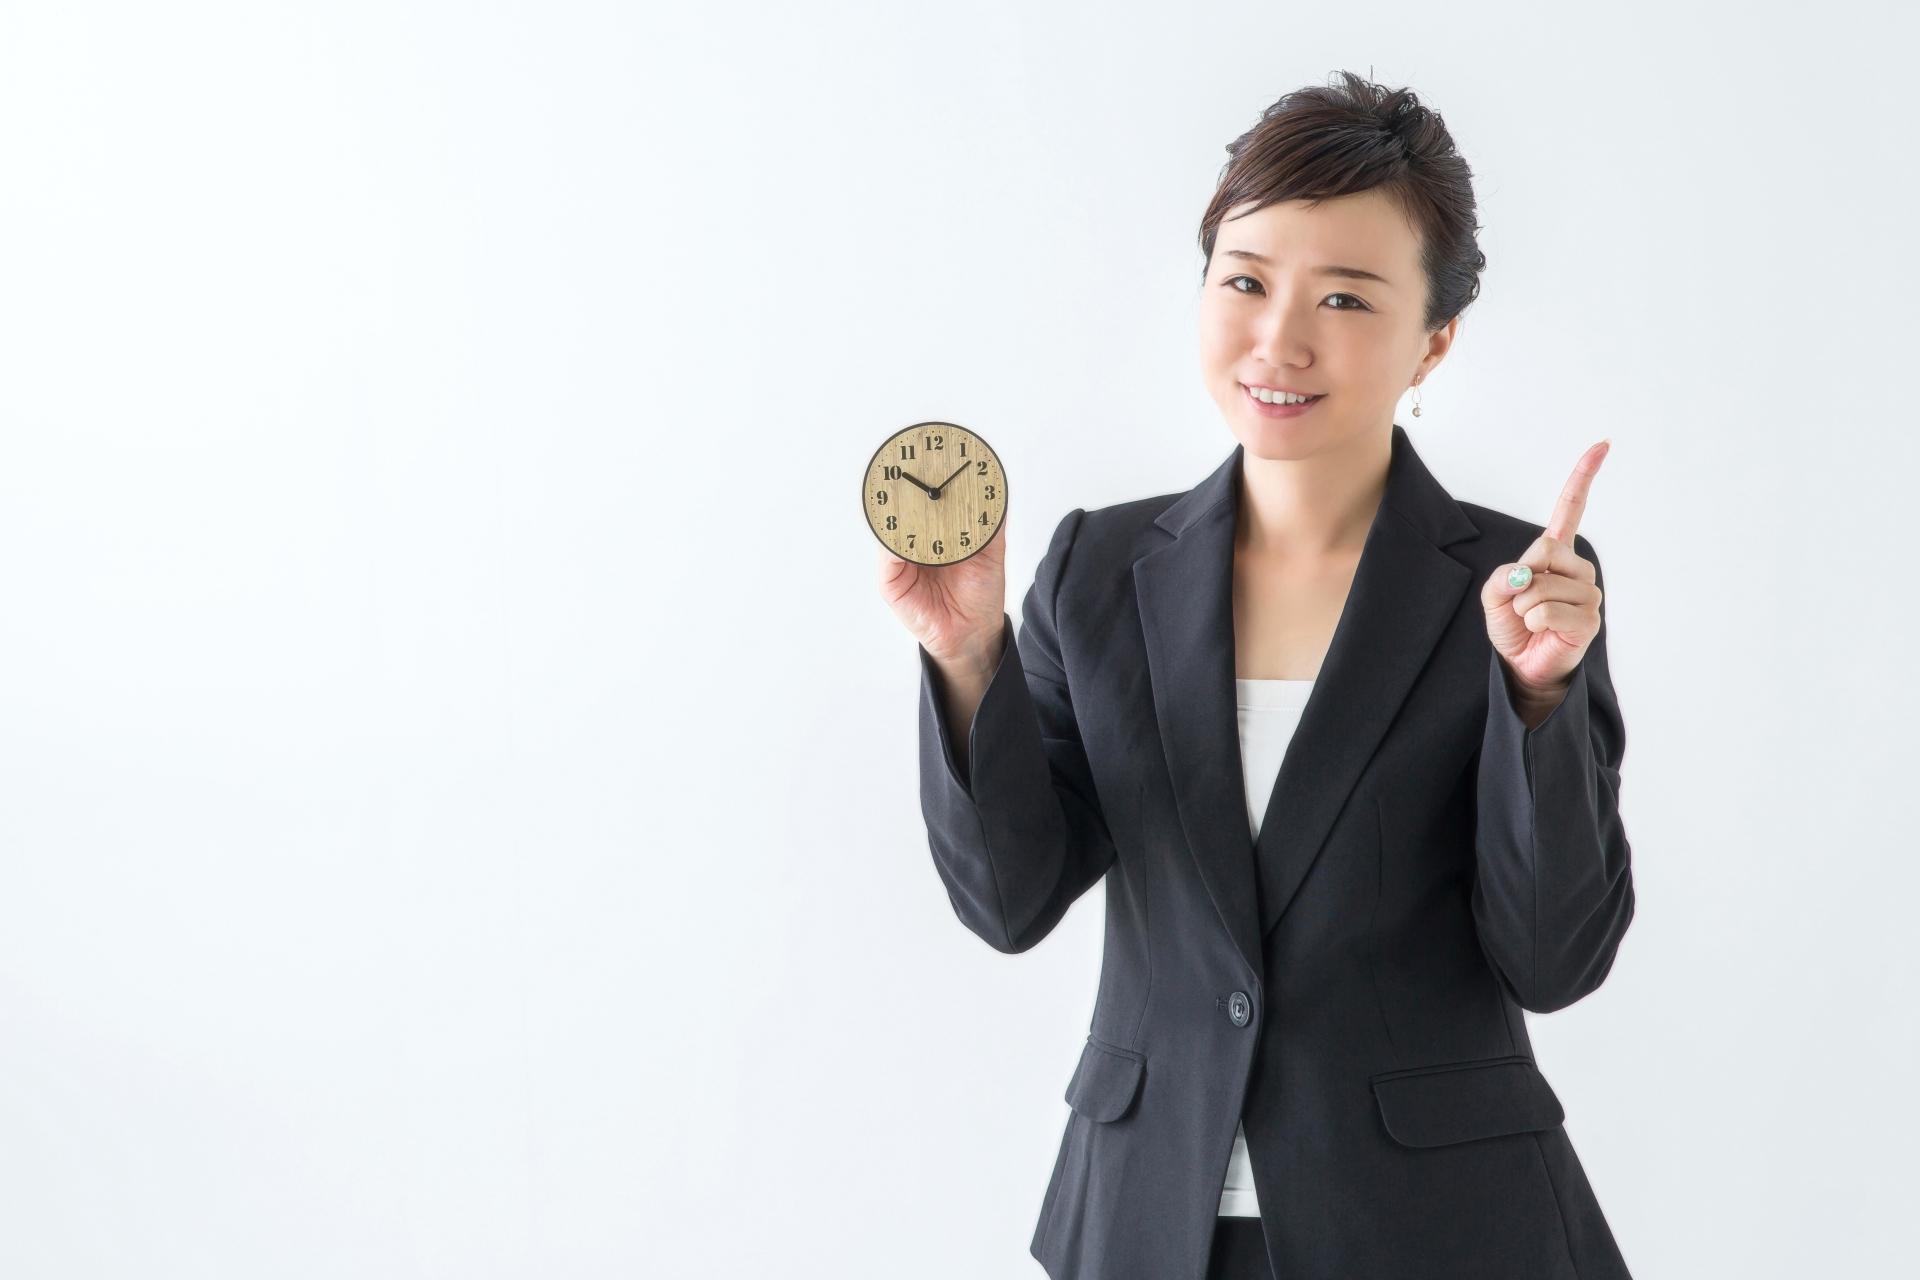 時計を持つスーツ姿の女性